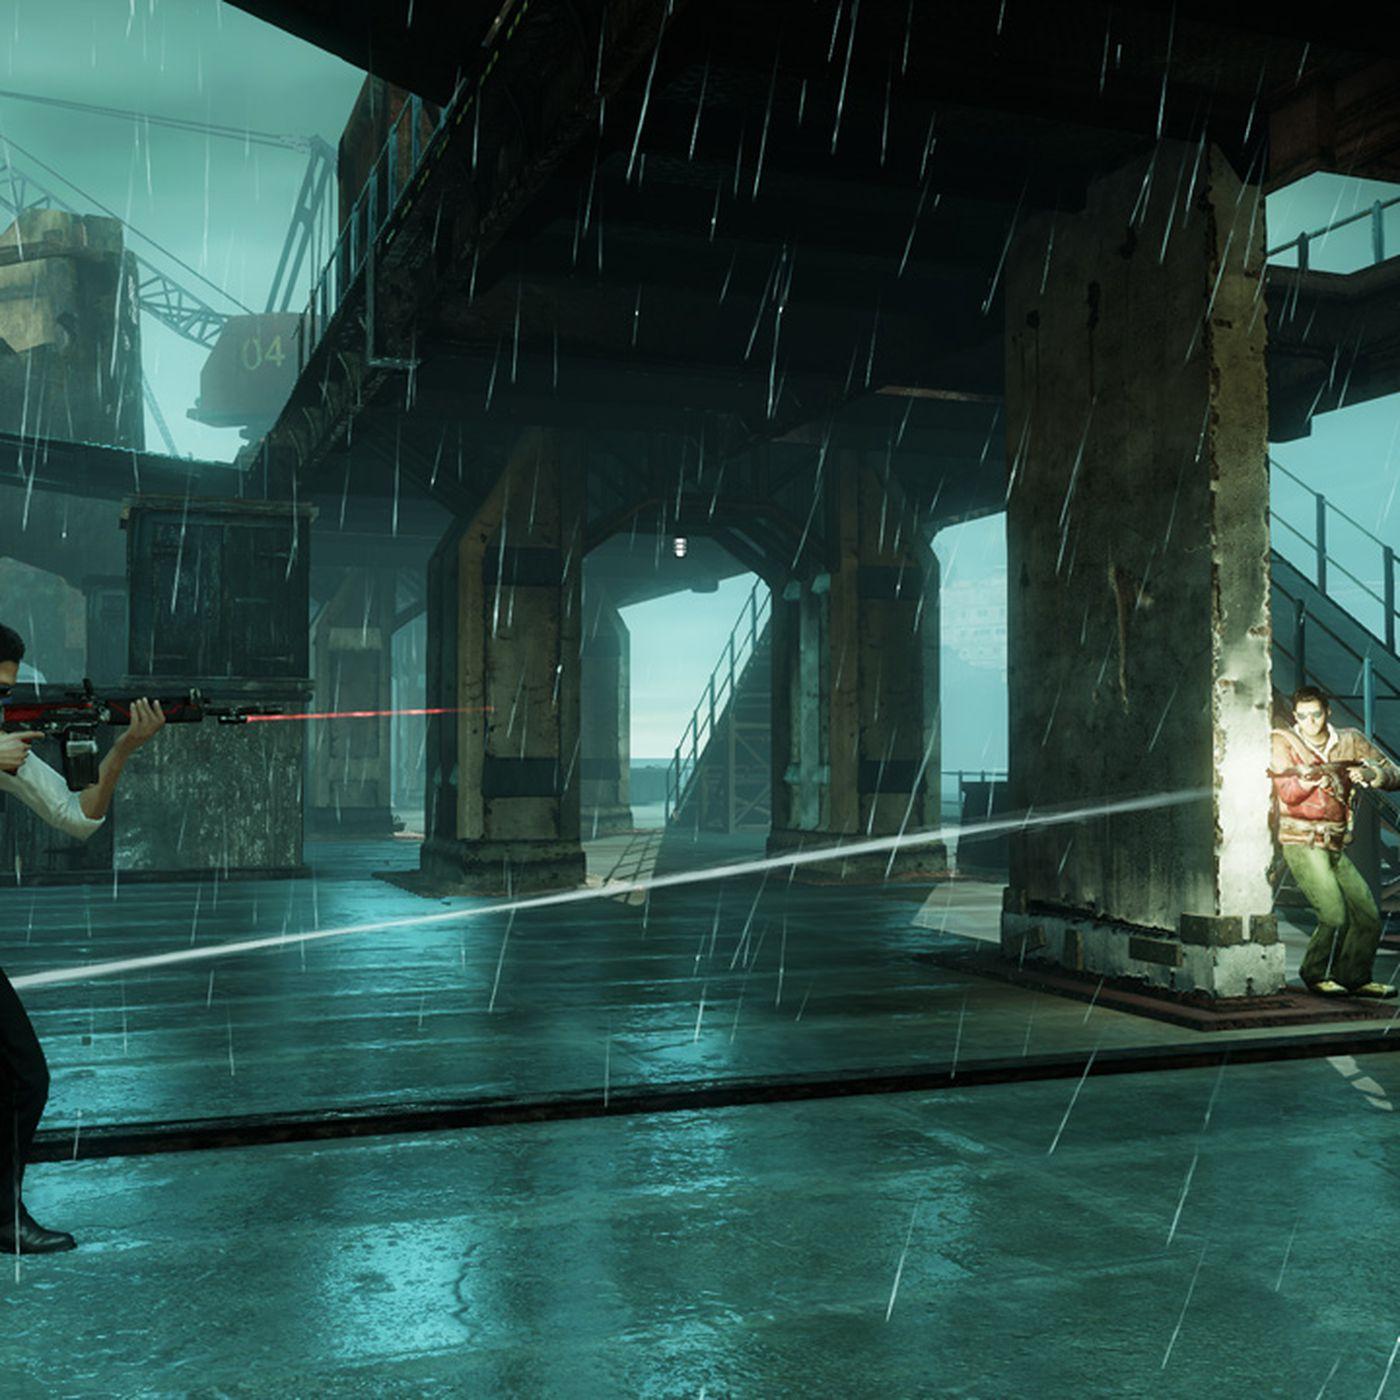 paras verkkosivusto ostaa suosittuja alhainen hinta Uncharted 3 patch resets multiplayer leaderboards ahead of ...